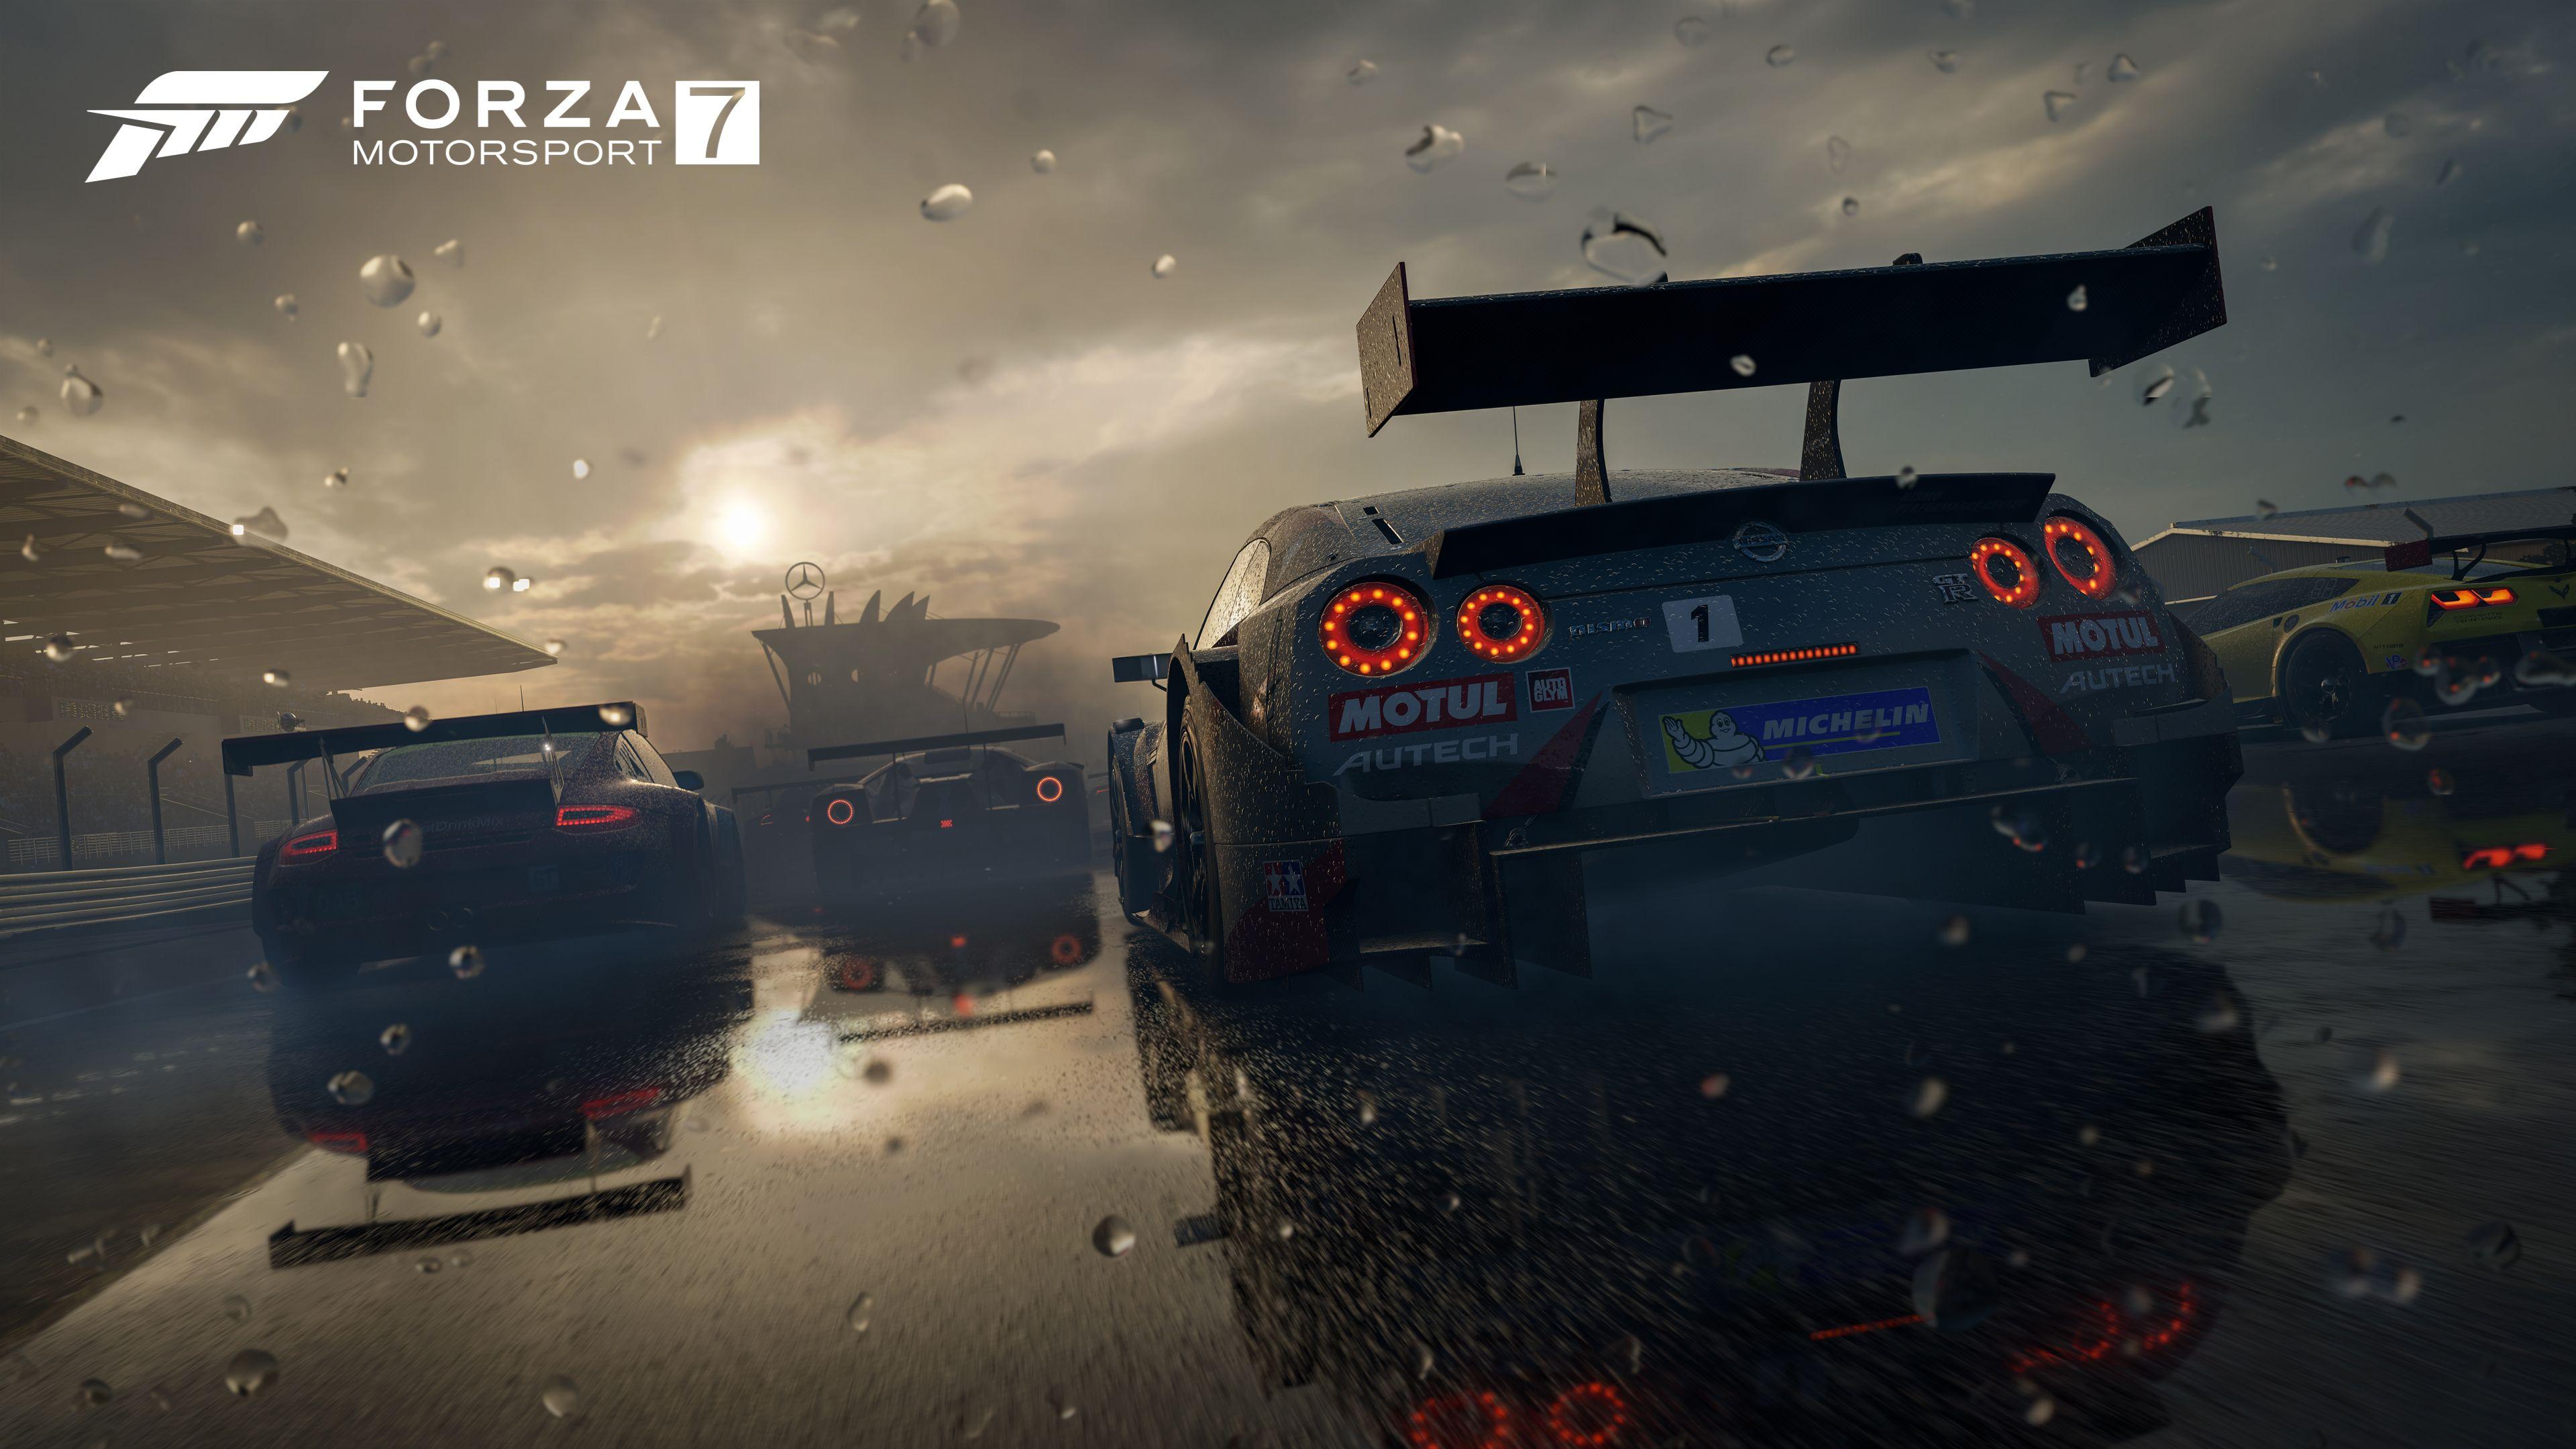 سیستم موردنیاز Forza Motorsport 7 بهصورت رسمی اعلام شد